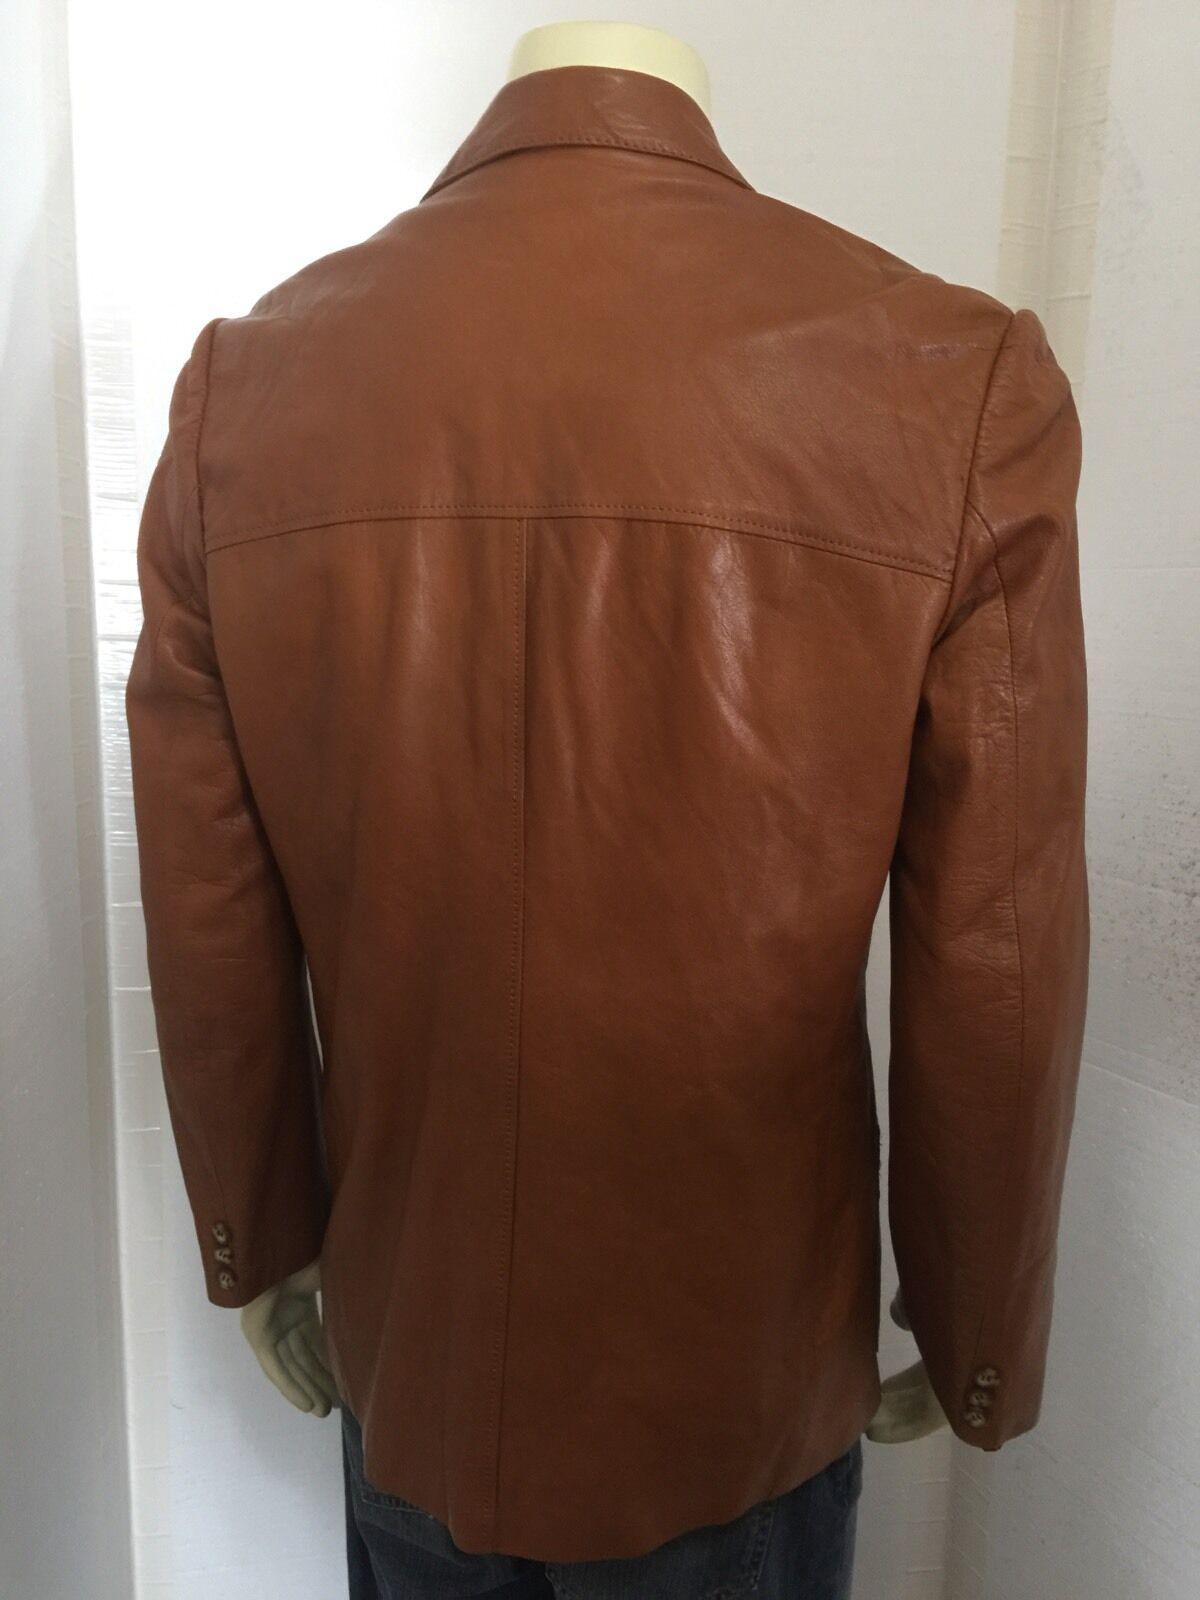 Vintage 1970's Mens Brown Hipster Soft Leather Bl… - image 4